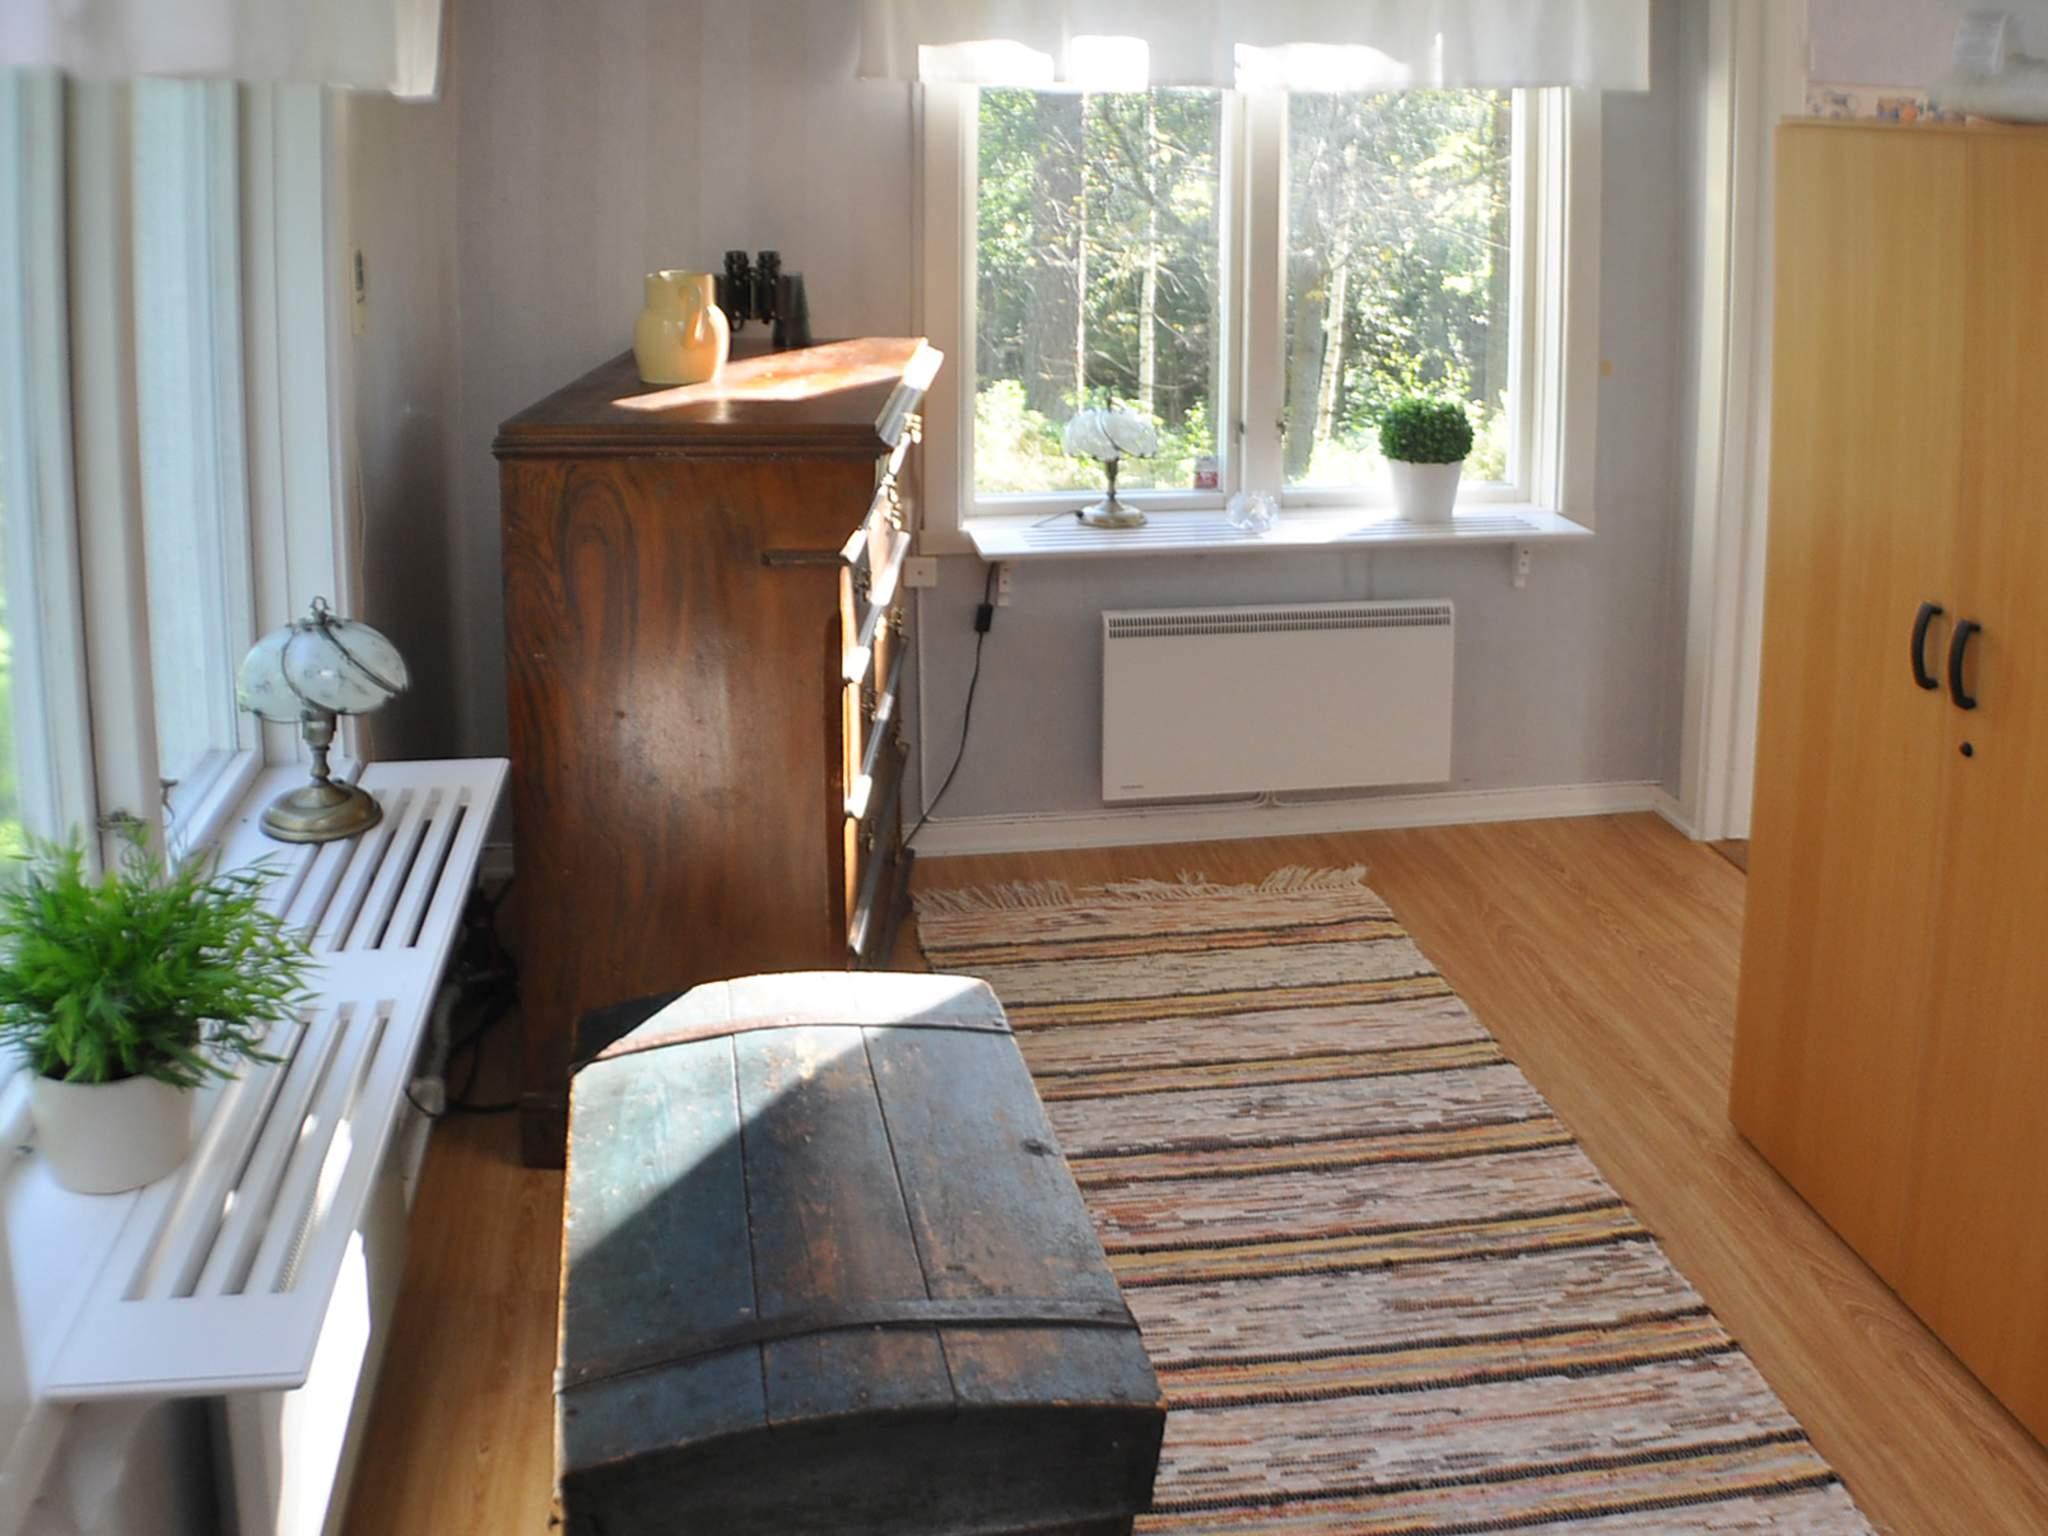 Ferienhaus Arvika (689475), Arvika, Värmlands län, Mittelschweden, Schweden, Bild 7